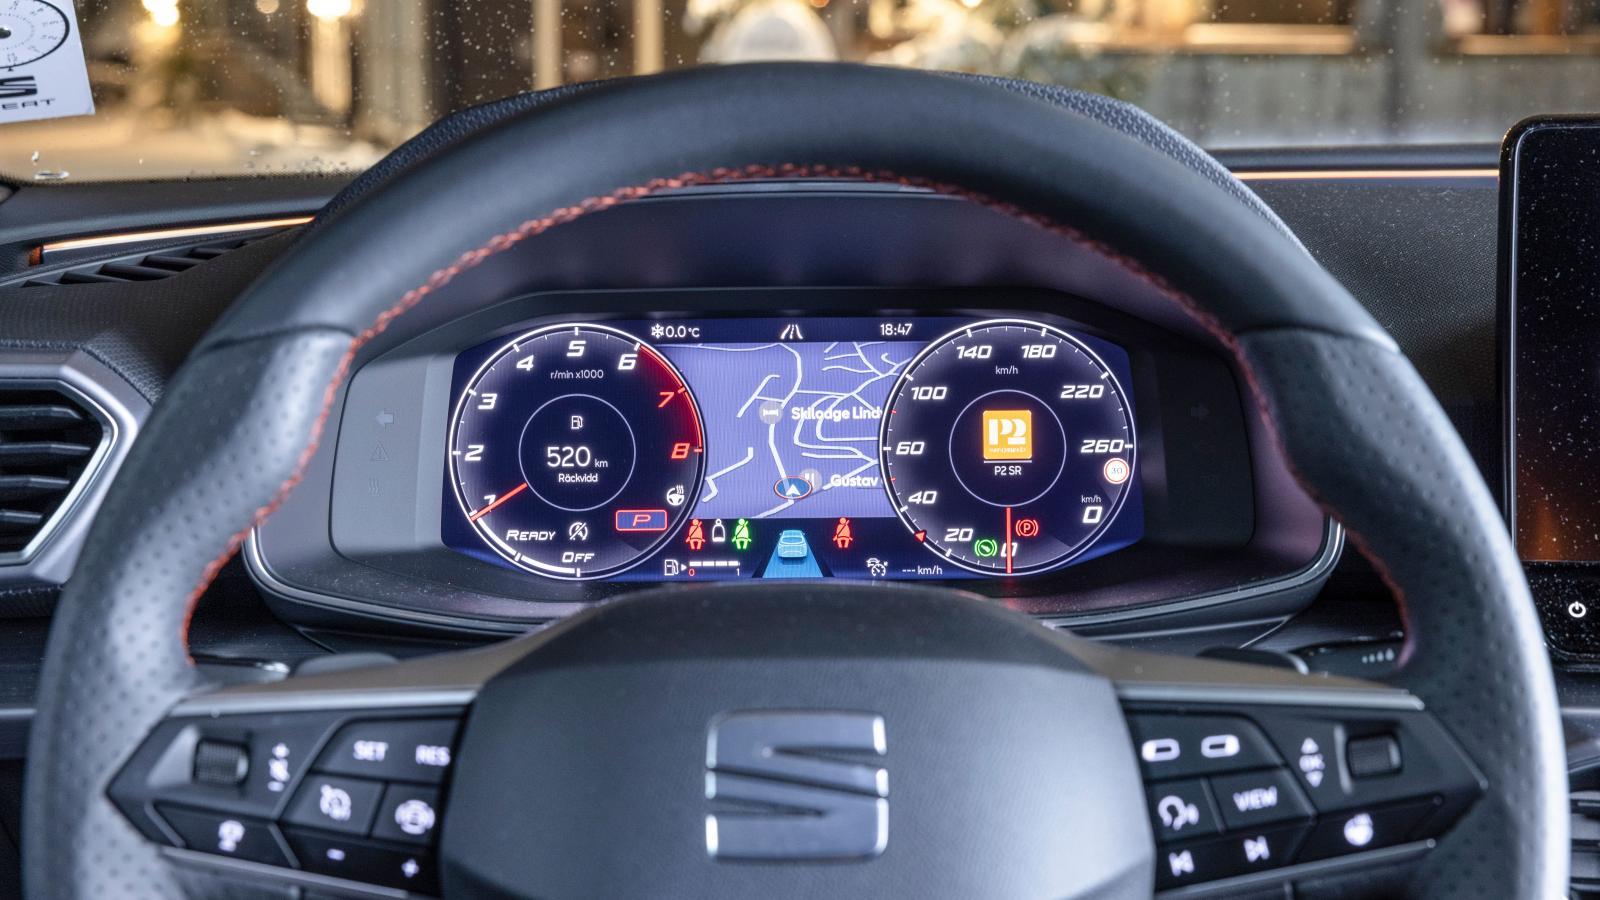 Seats digitala mätarkluster har flera olika vyer, nästan alla med otydlig hastighetsvisning. Filhållningssystemen kräver 3-4 rattknappstryckningar. Suck.